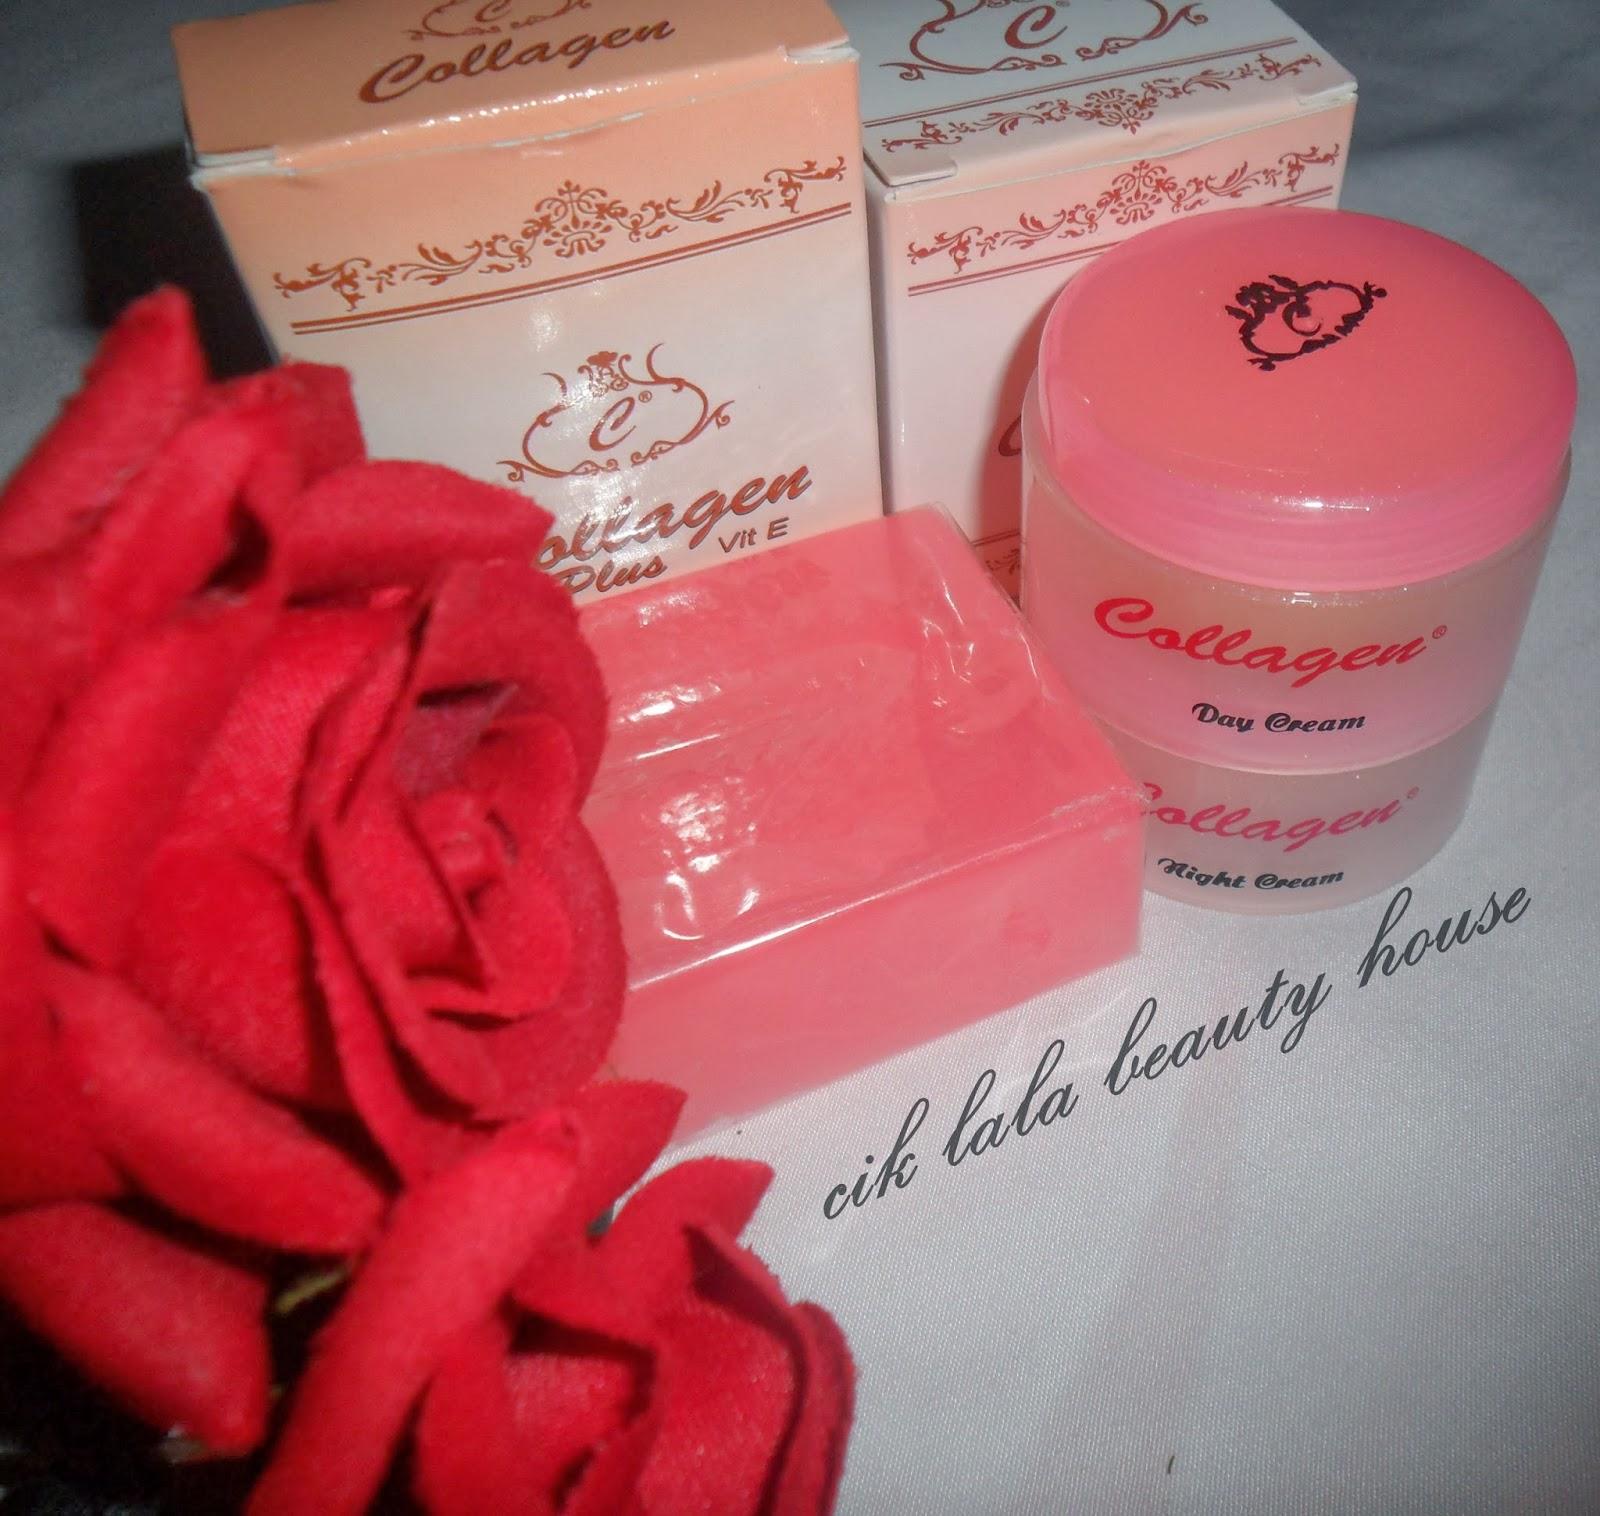 Bahan Untuk Hilangkan Bekas Jerawat Dan Bintik Bintik: Selamat Datang Ke Cik Lala Beauty House: Collagen Plus Vit